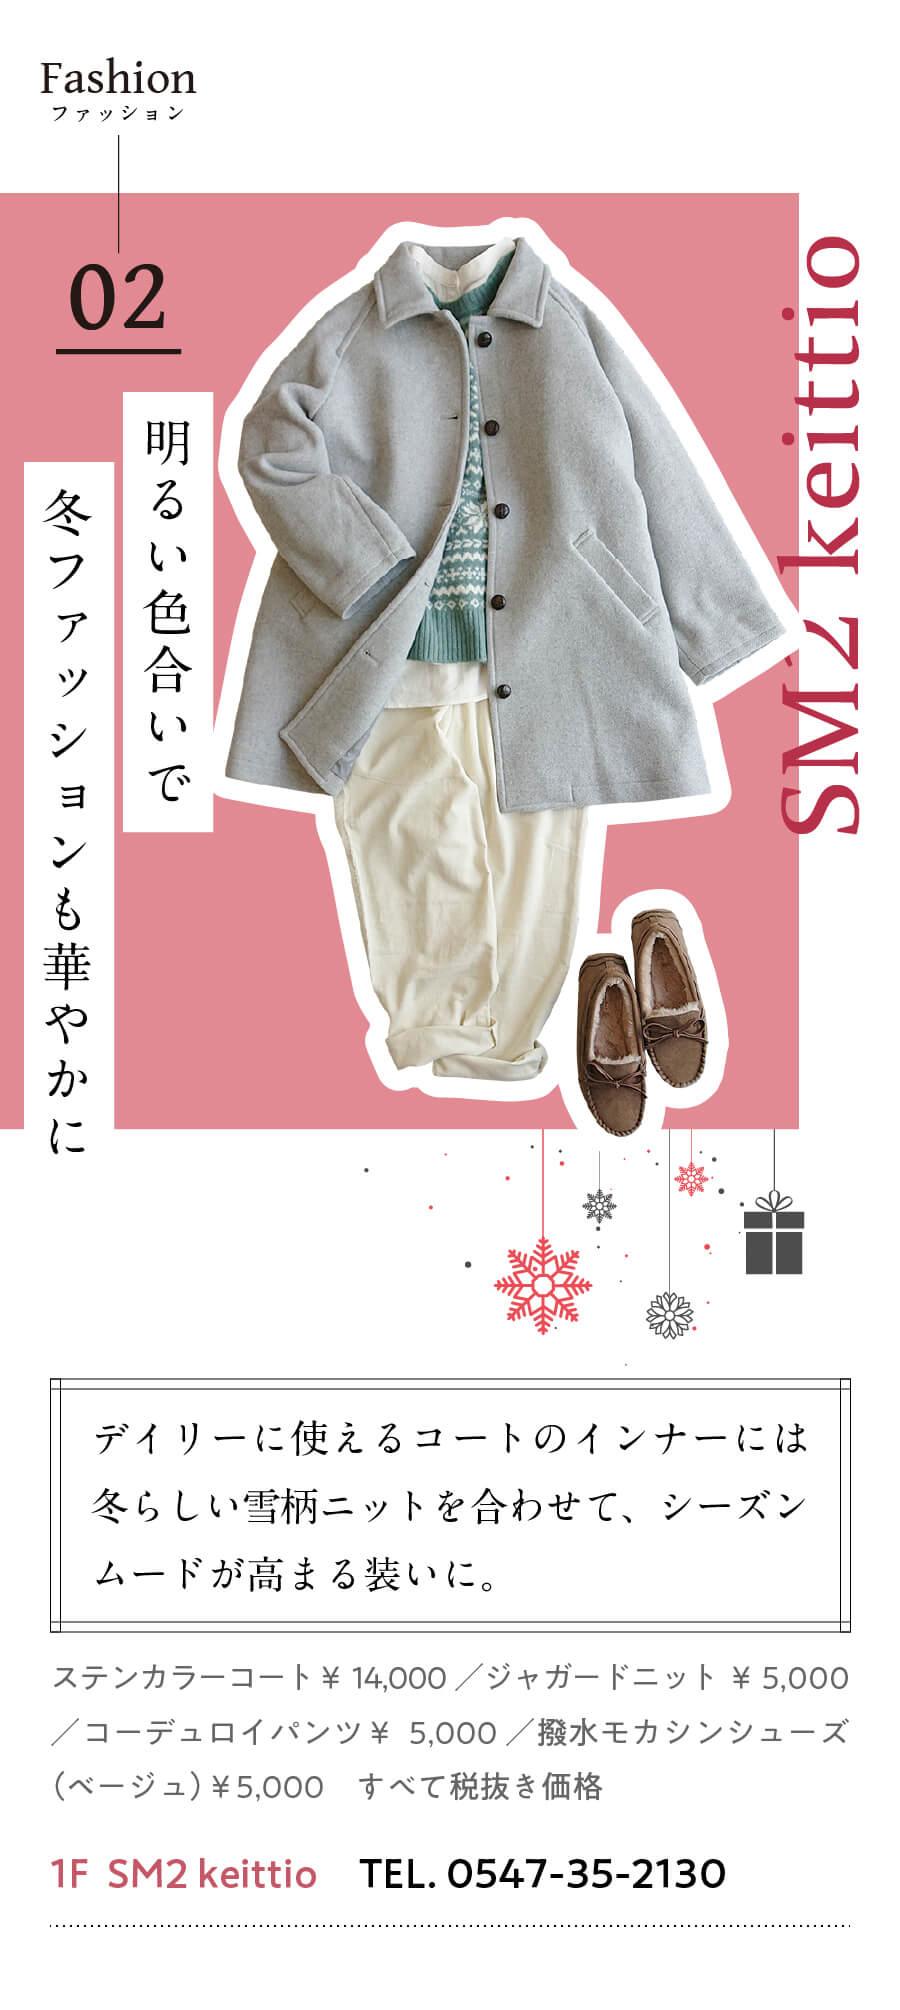 1F  SM2 keittio TEL. 0547-35-2130 明るい色合いで冬ファッションも華やかに